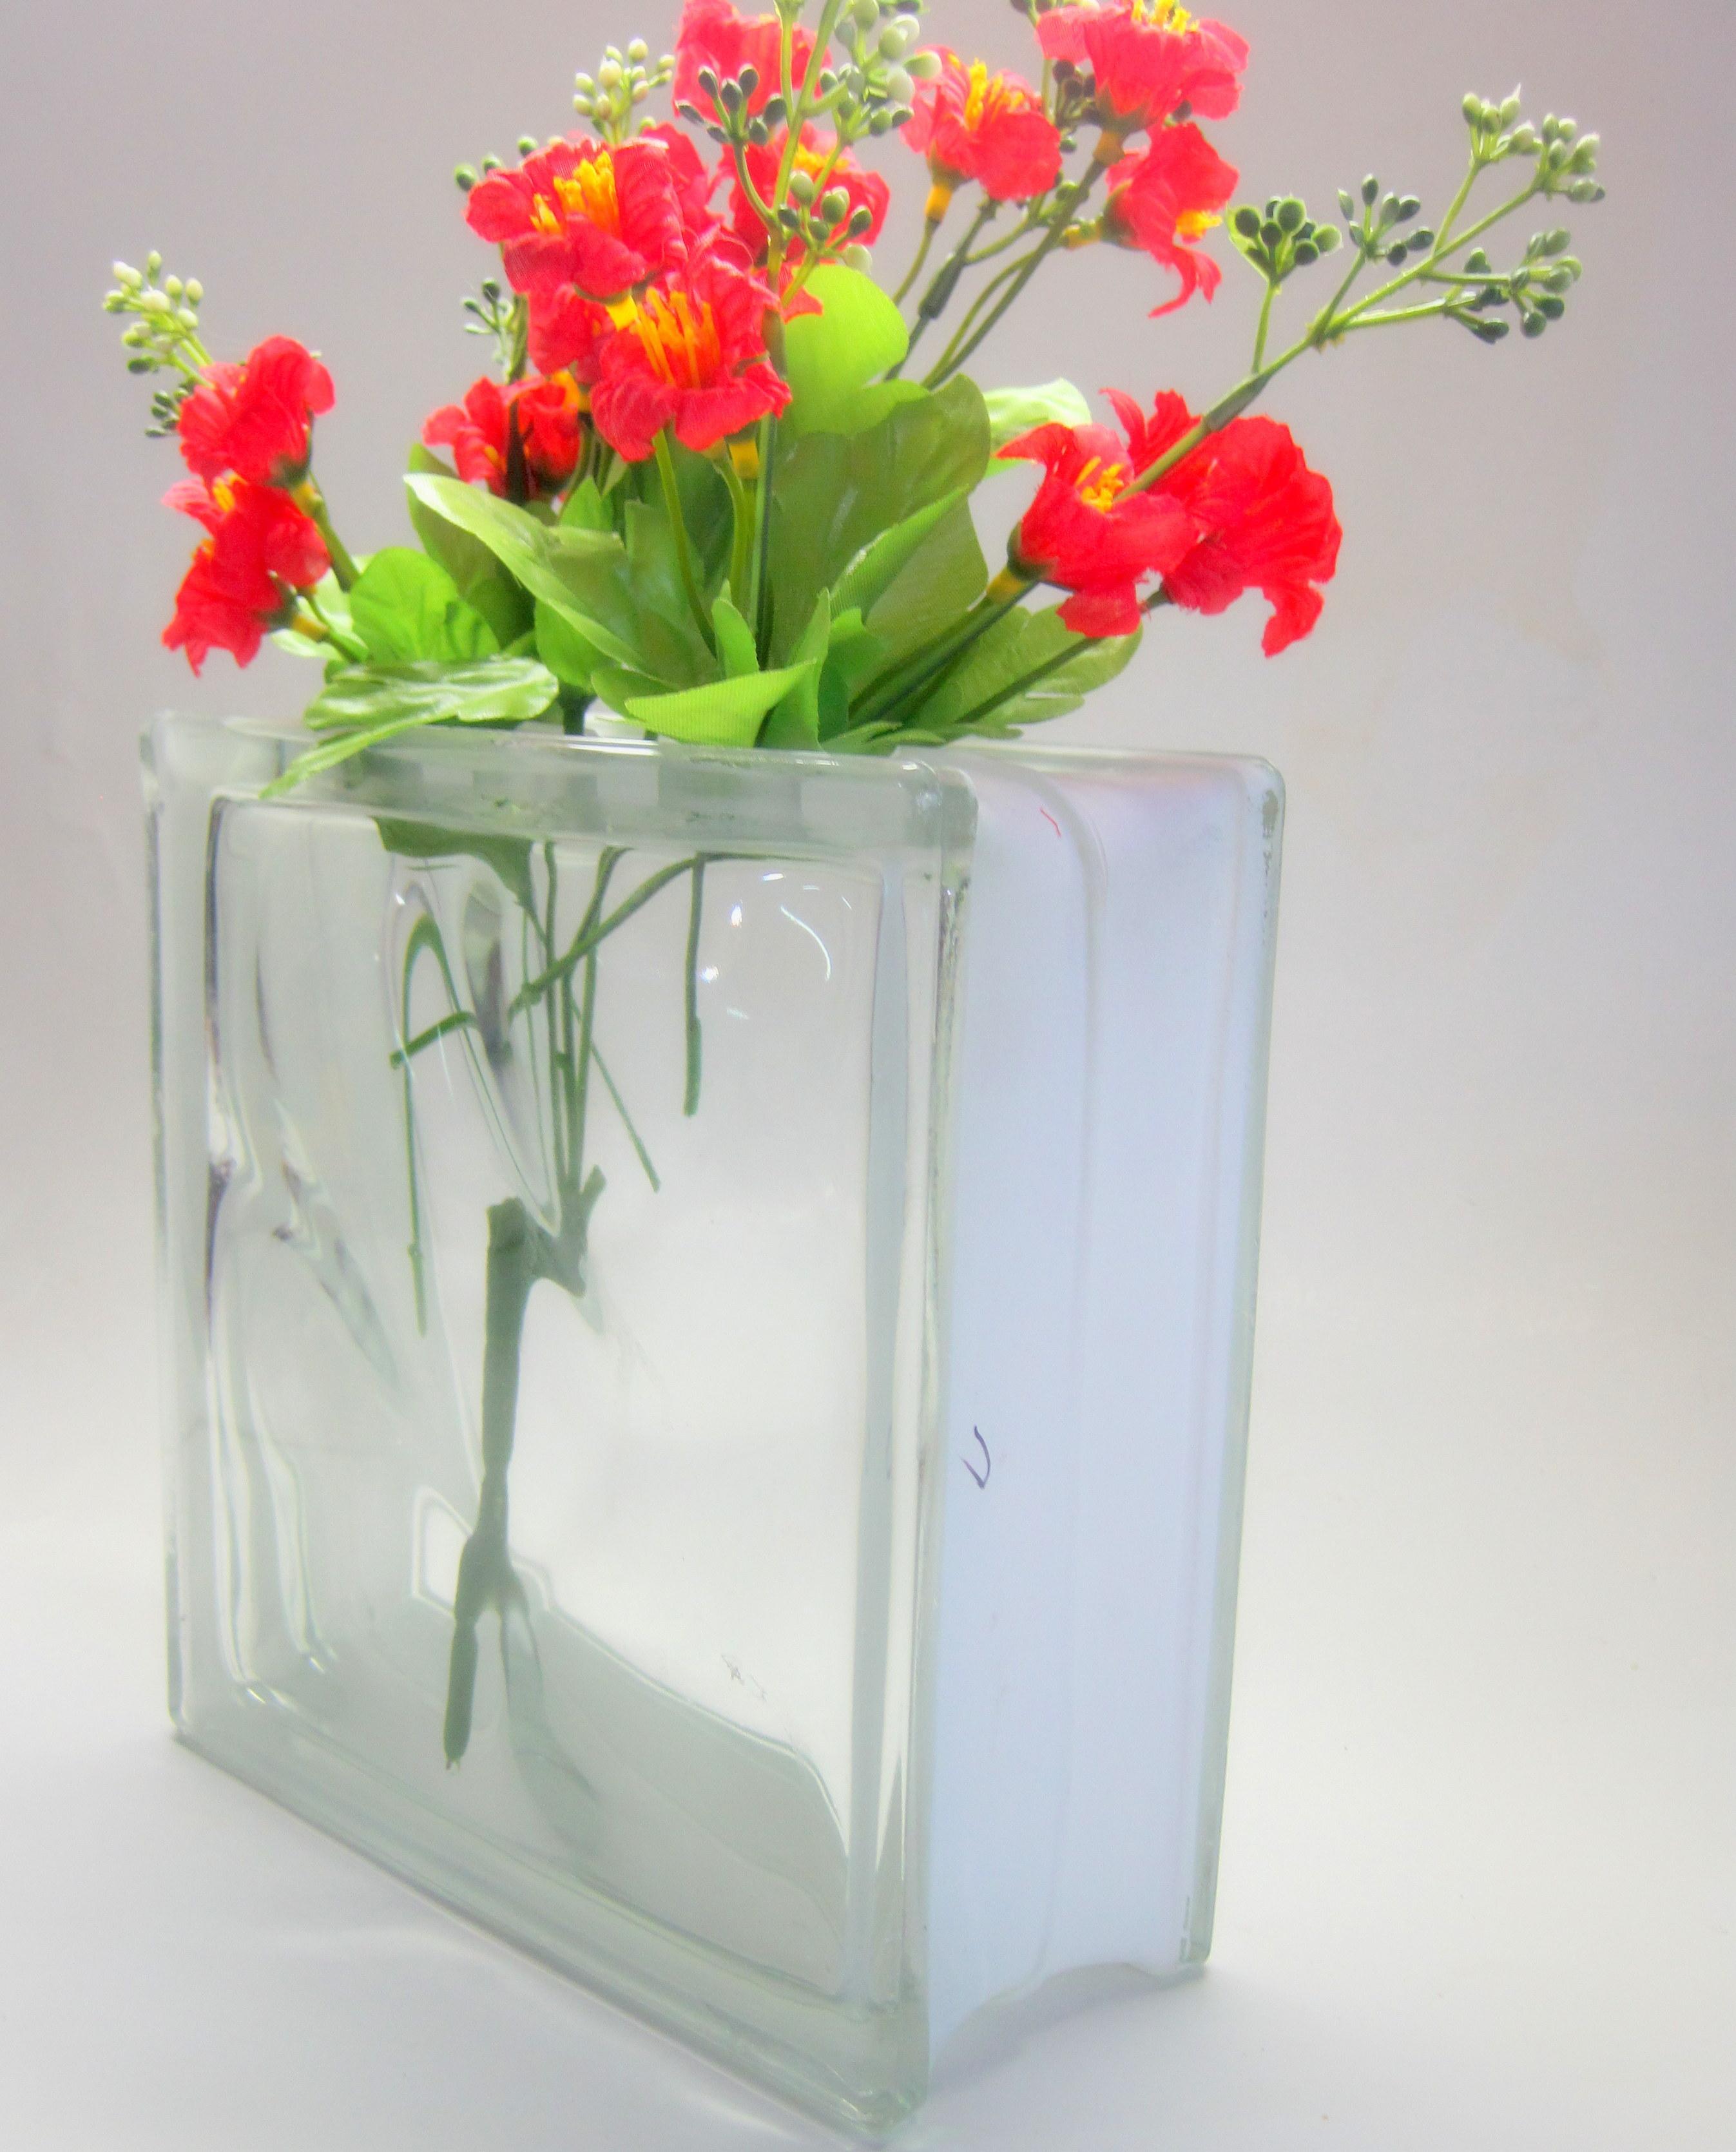 #C30818 Vaso Bloco de vidro GlassGift Design Elo7 2694x3340 px Banheiro Decorado Com Bloco De Vidro 3649